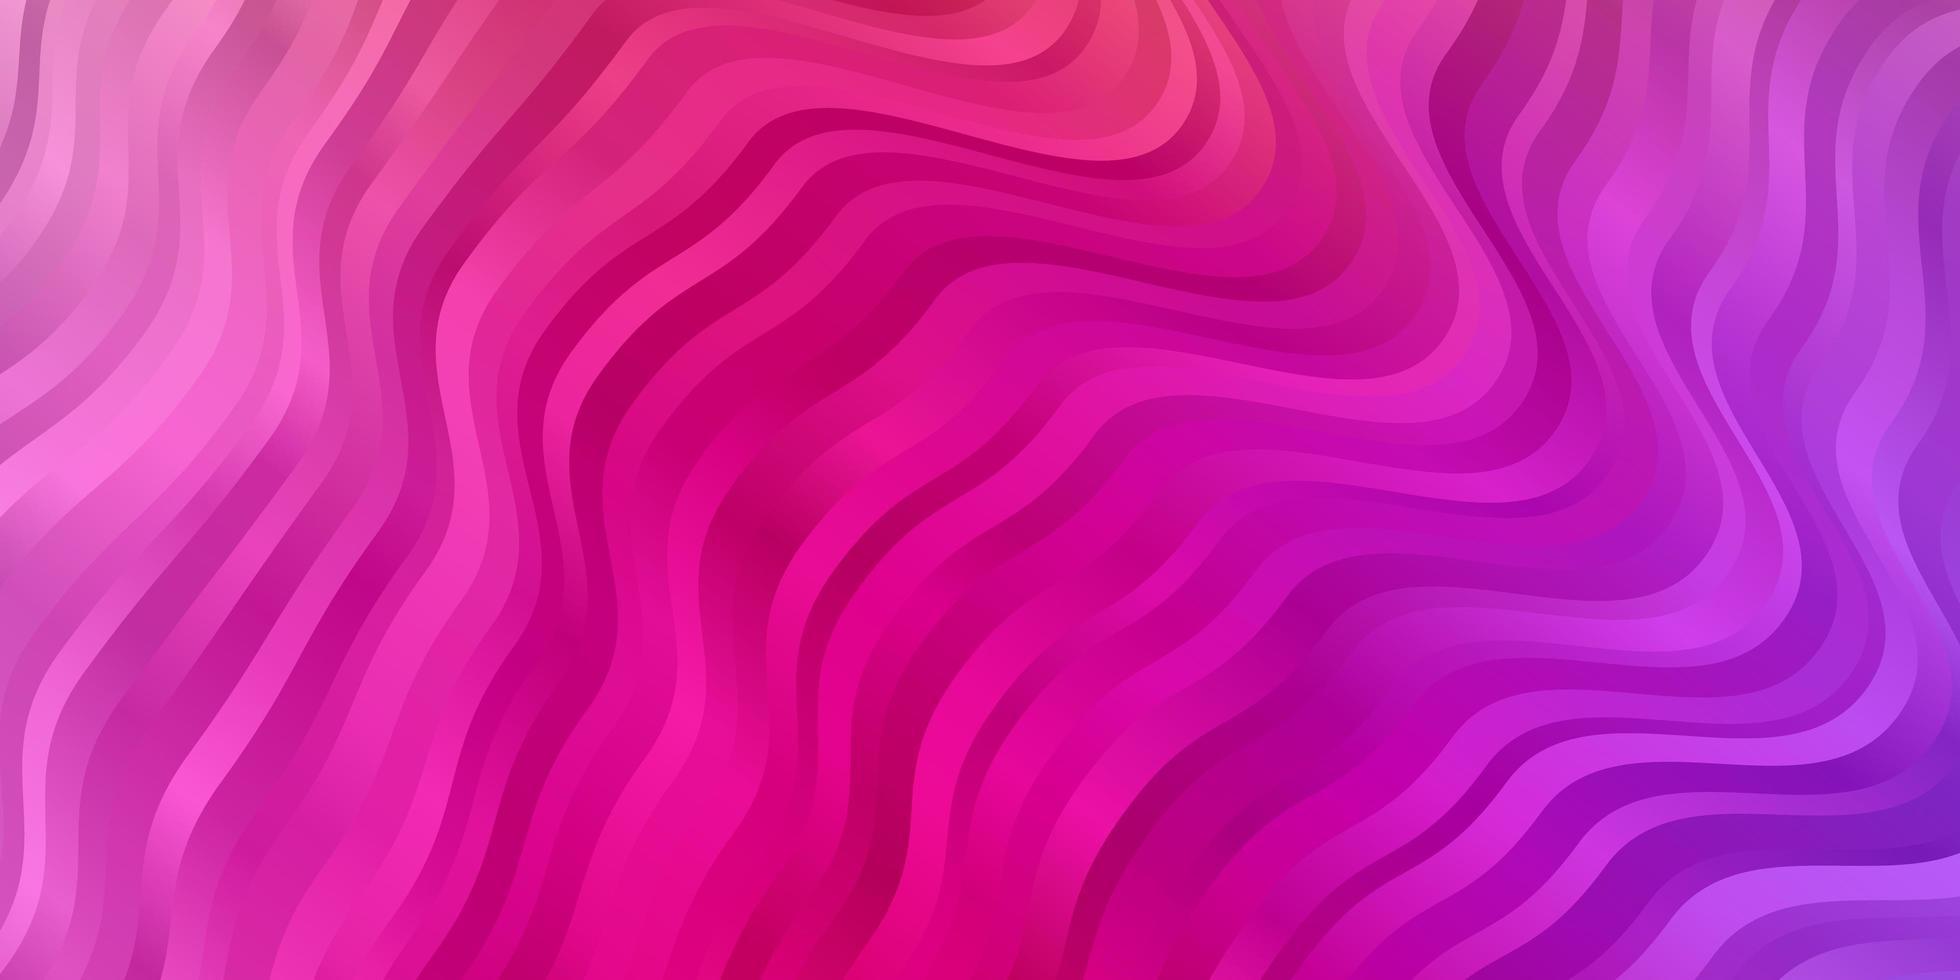 sfondo vettoriale rosa chiaro, rosso con linee piegate.